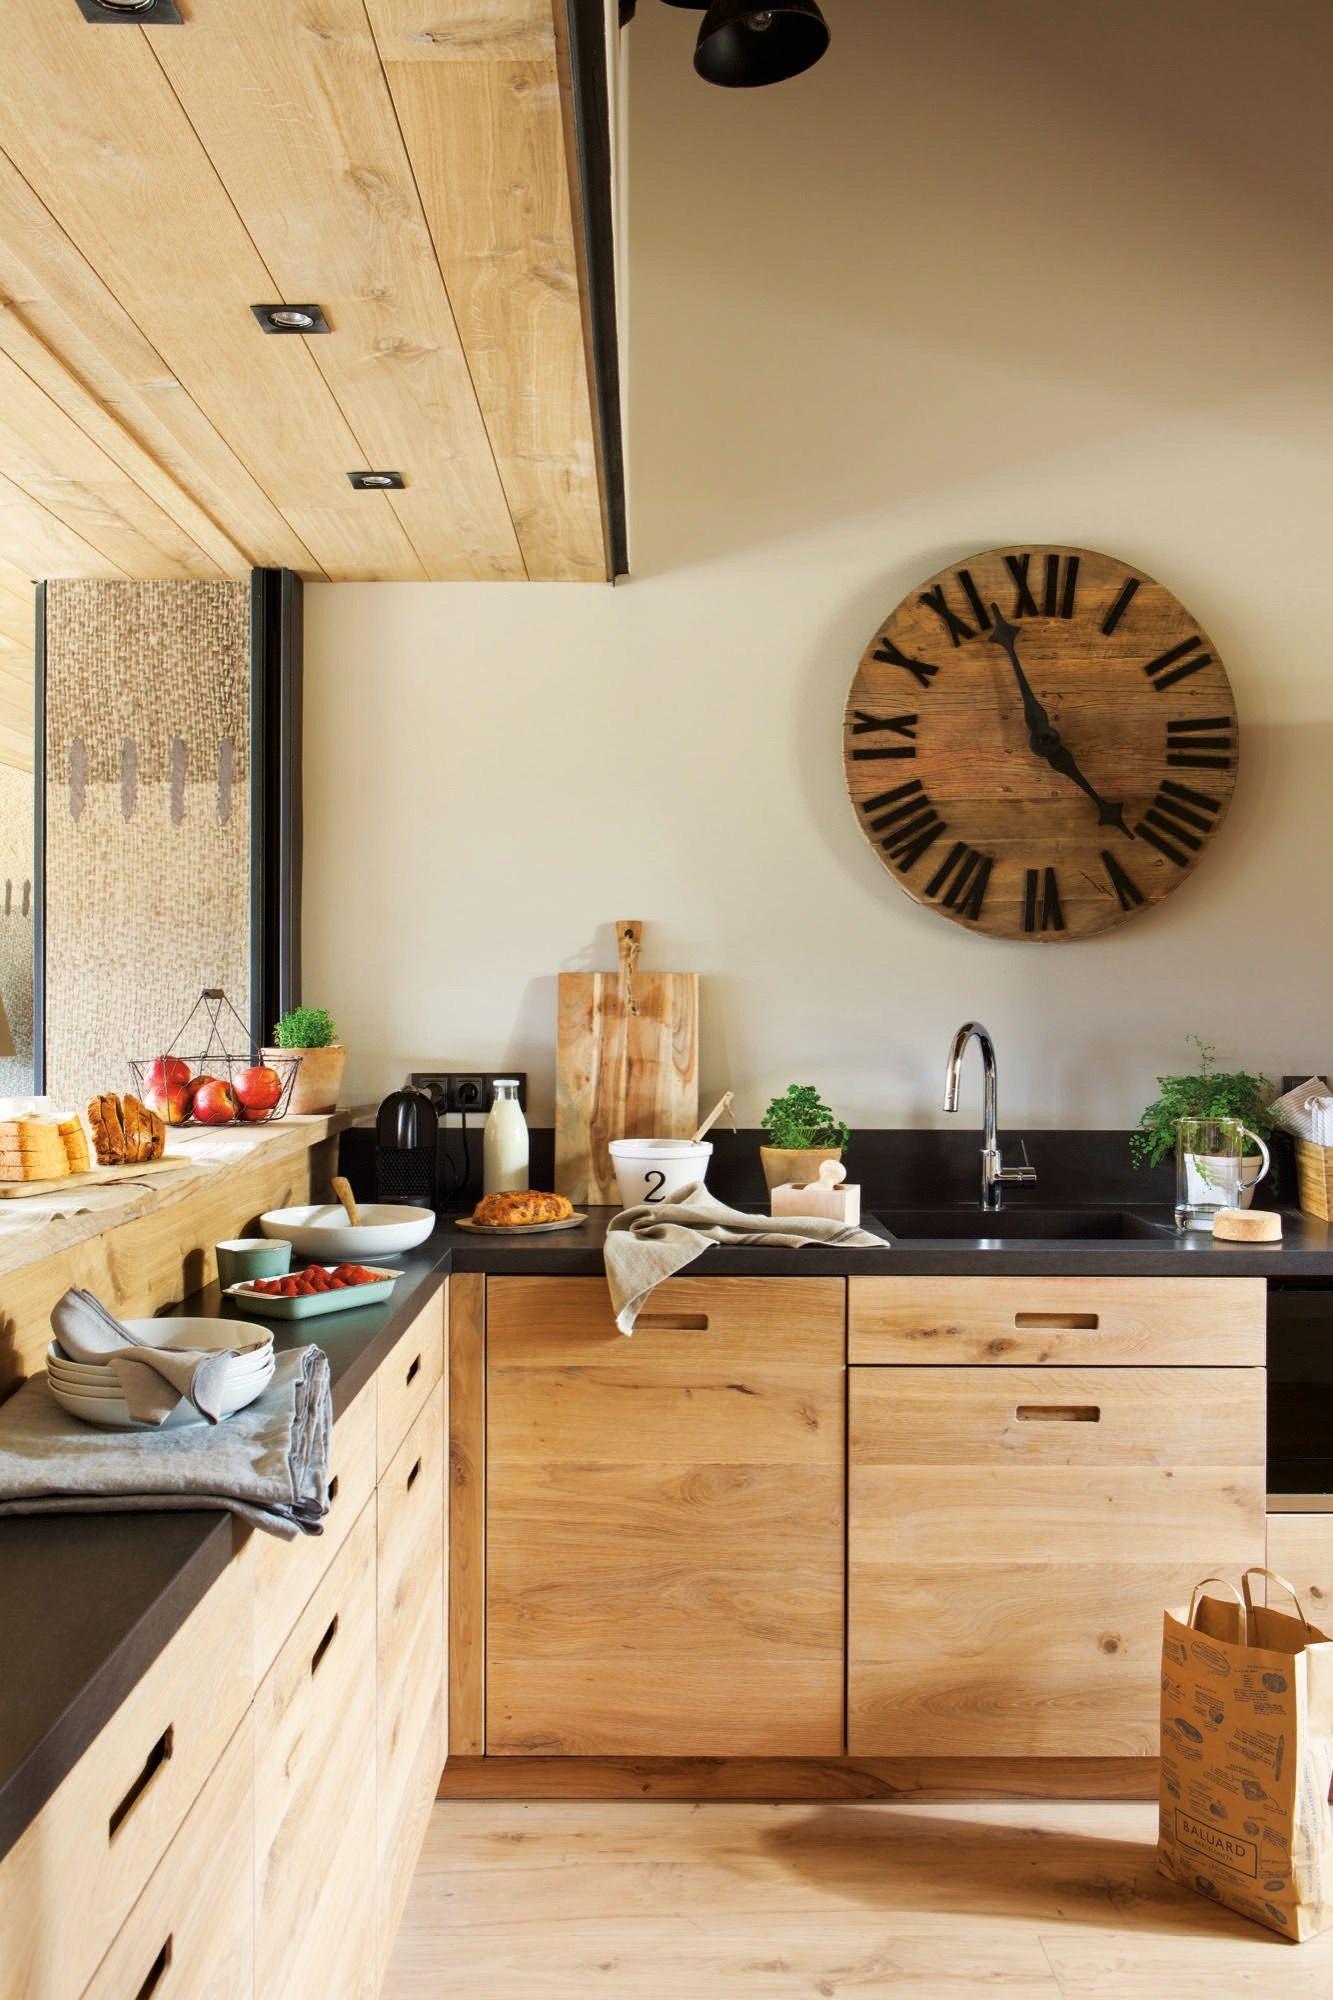 cocina de madera en una casa rustica | Acogedor, Cocinas y Rusticas